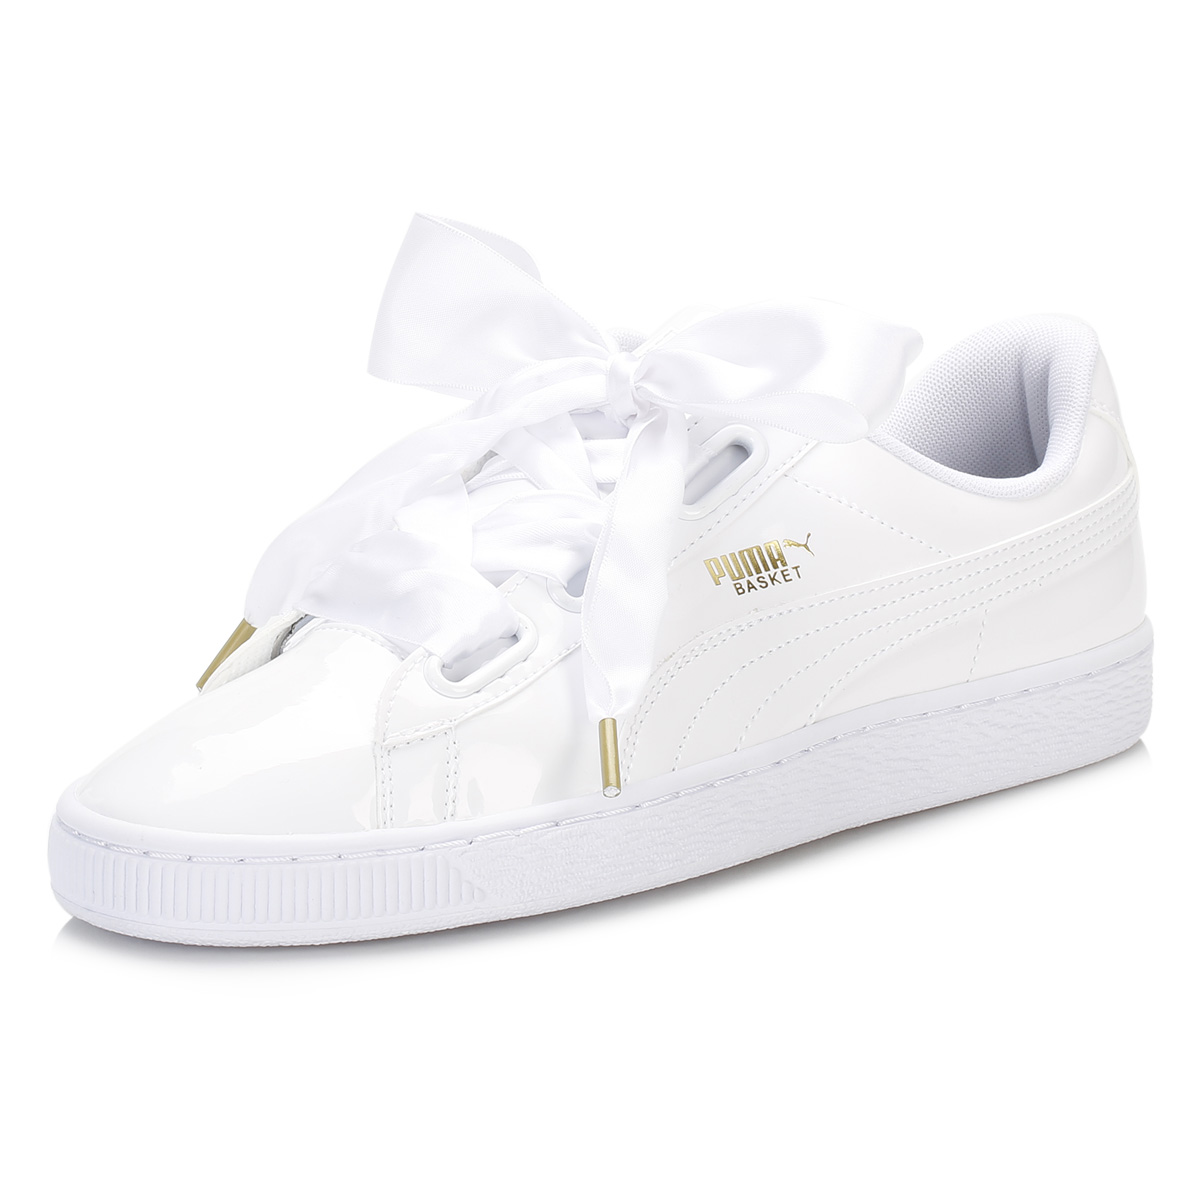 Puma Shoes For Womens Ebay